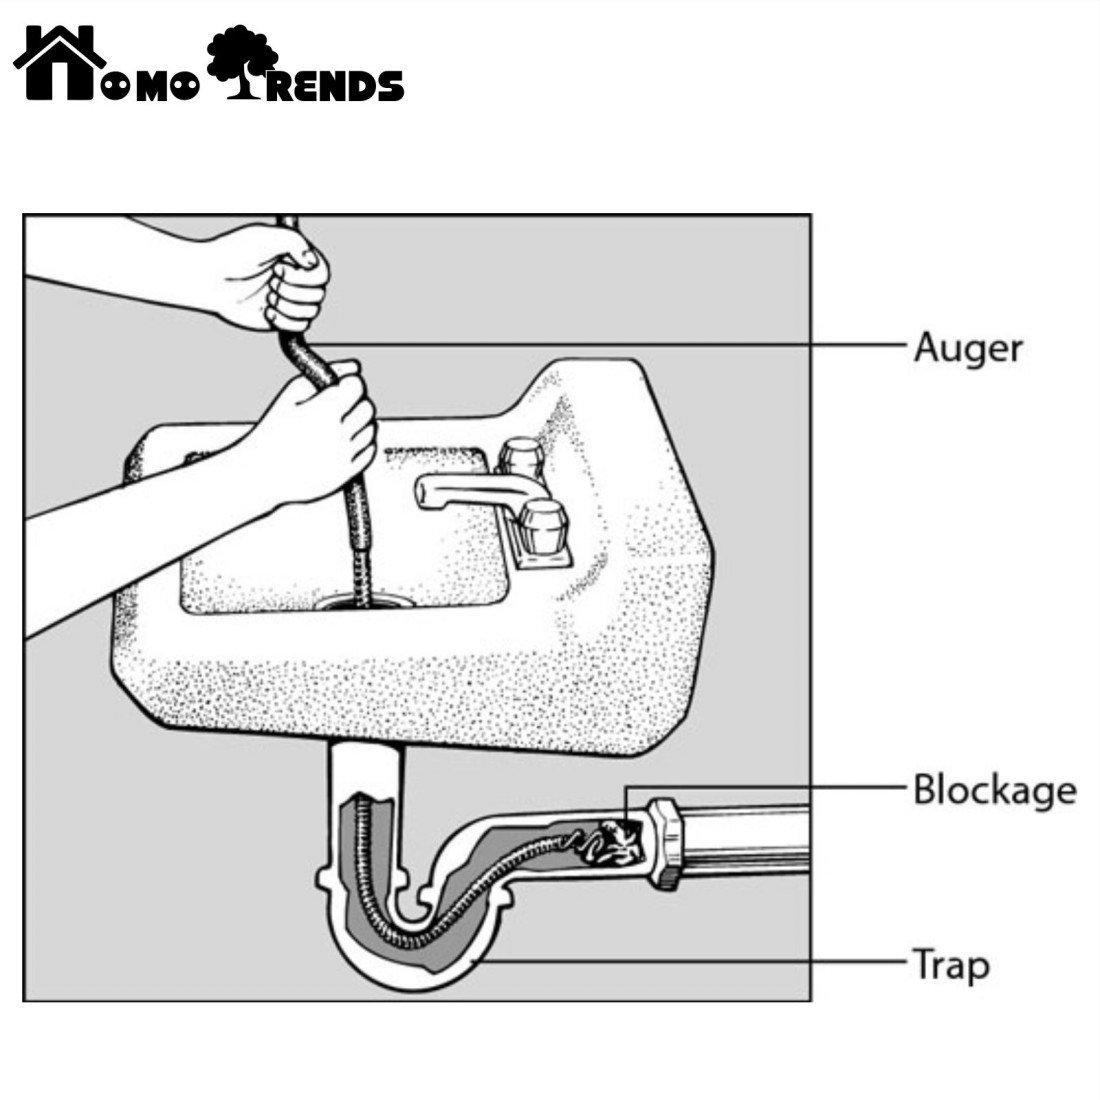 lavabos y tuber/ías ducha Herramienta desatascadora de drenaje flexible para fregadero viene con un cepillo de Homo Trends para fregadero